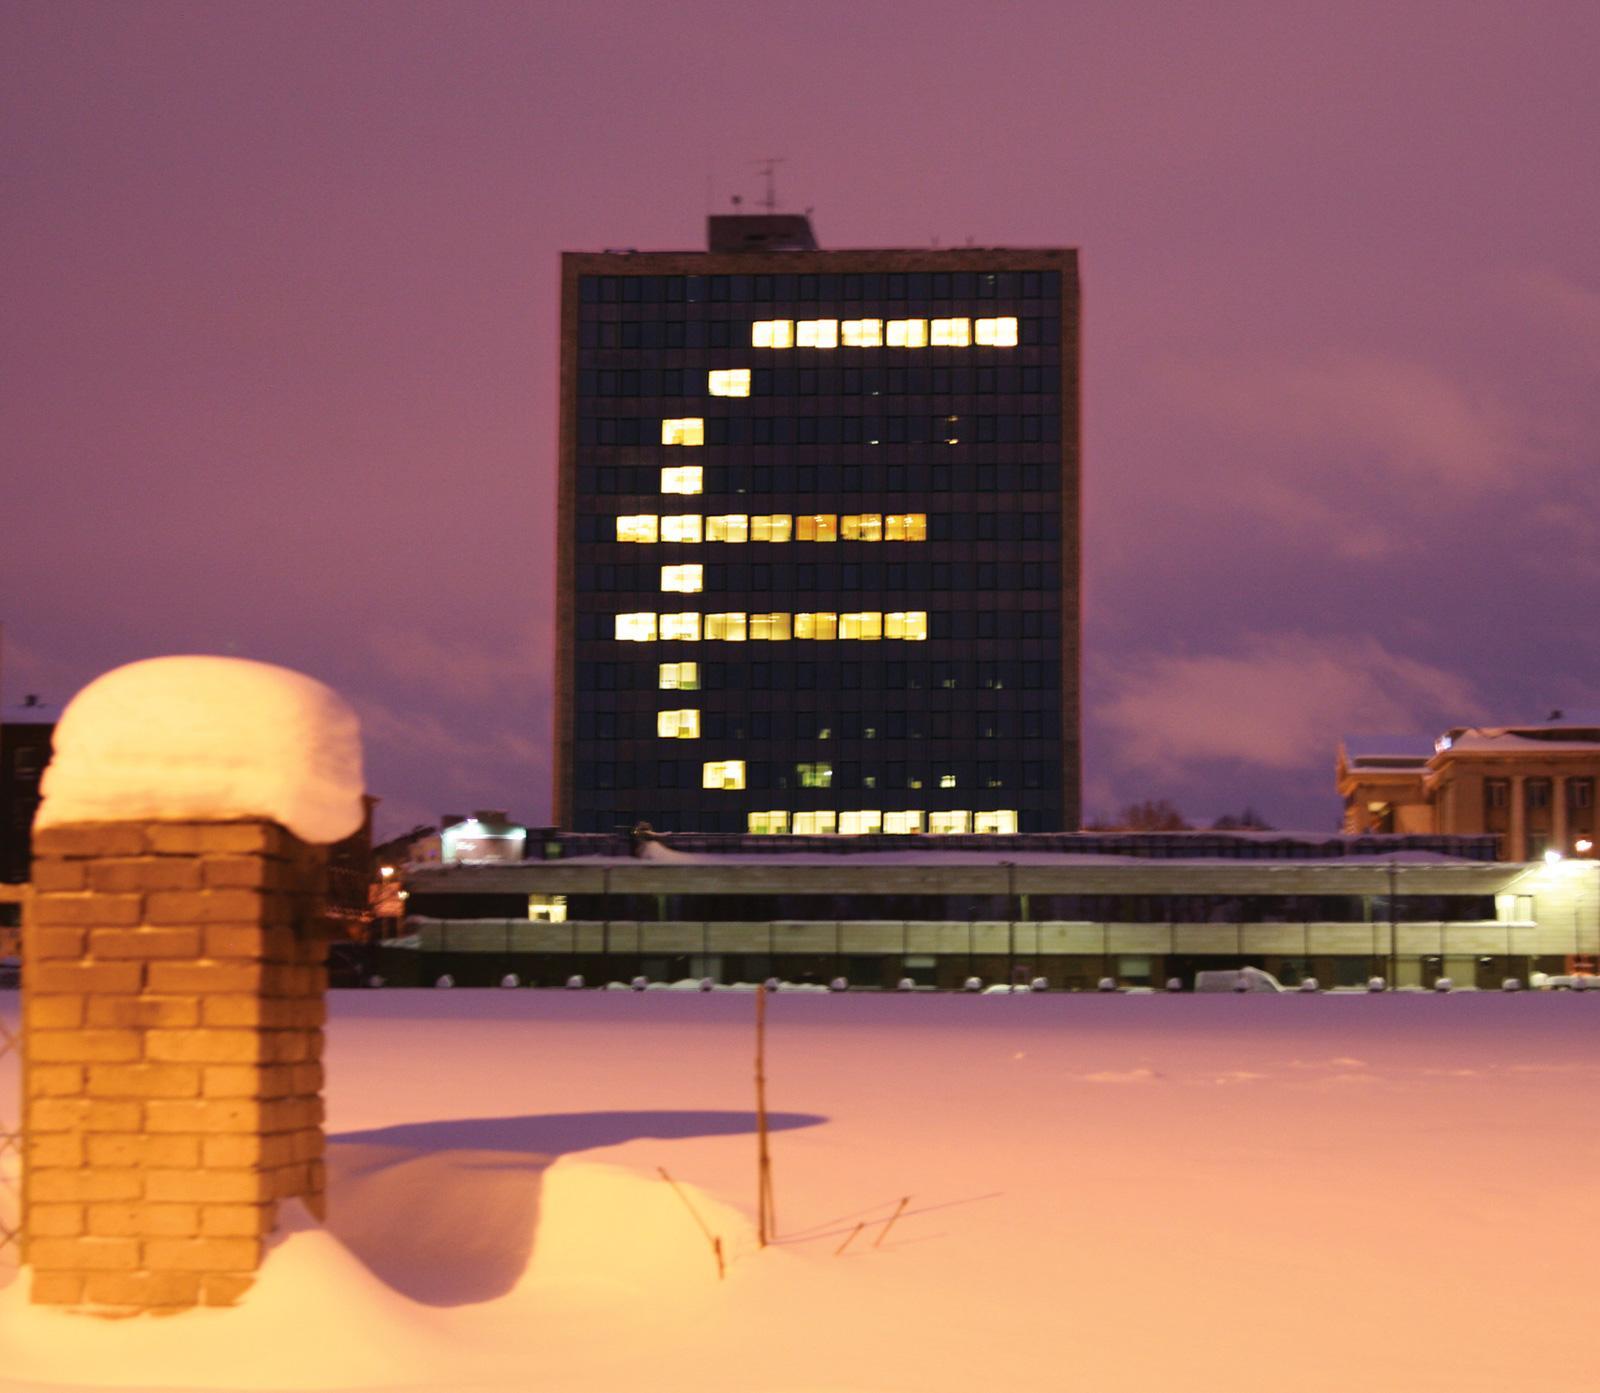 Republic of Estonia Ambient Ad -  The Euro